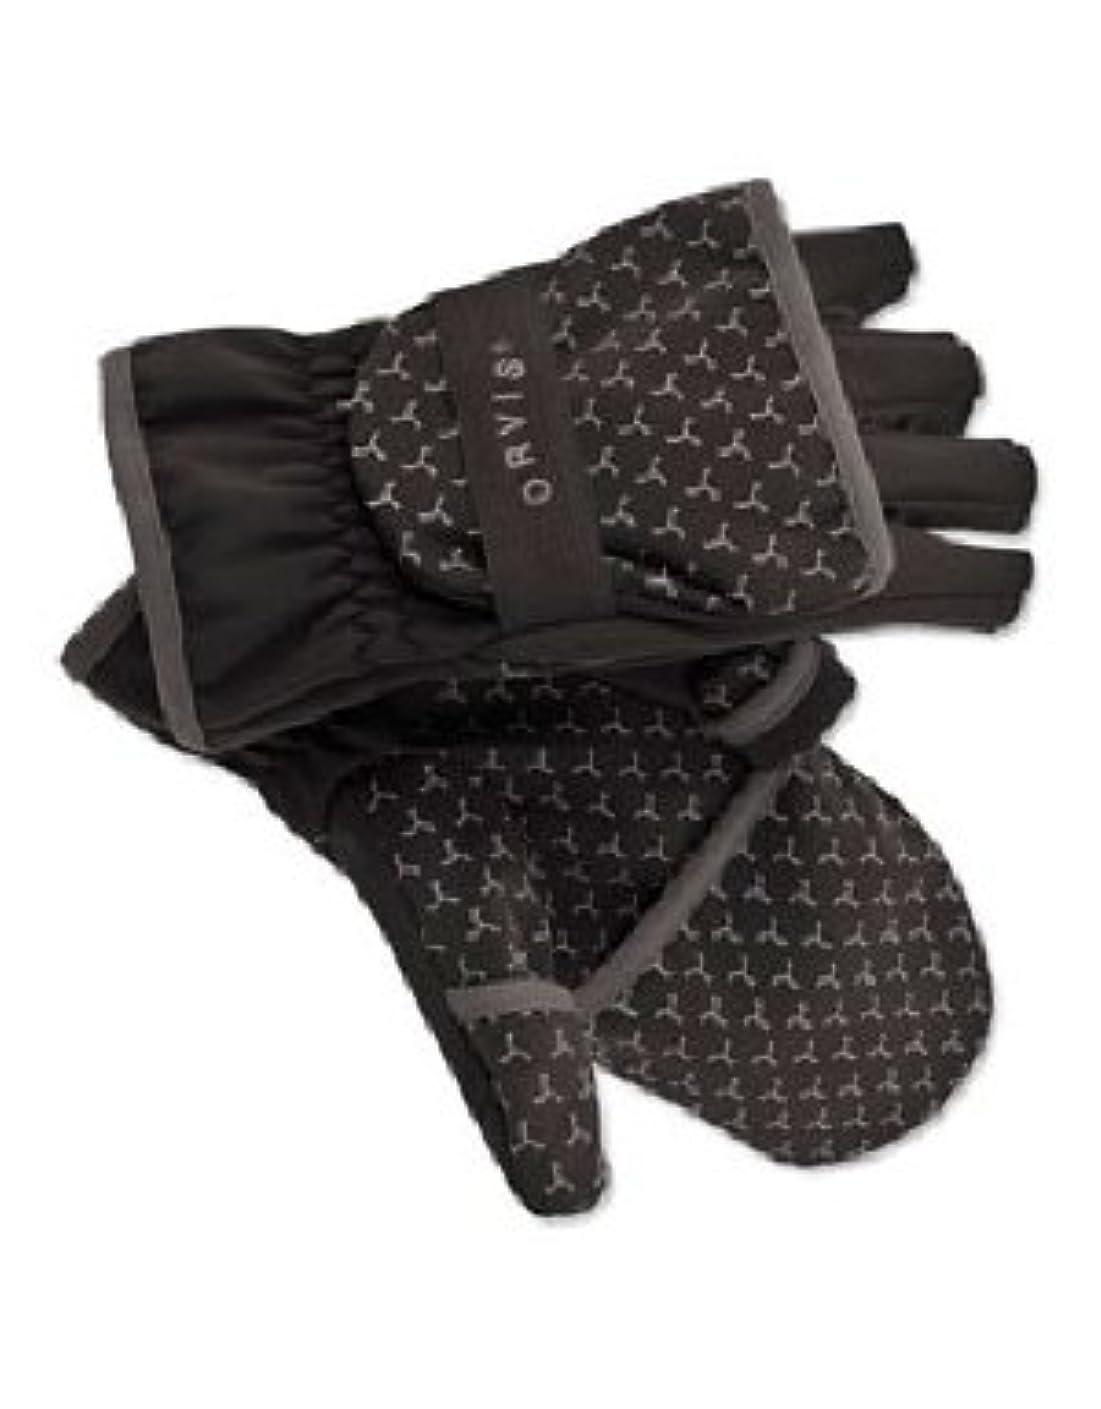 オービスソフトシェルFoldover指なし手袋:サイズSmall